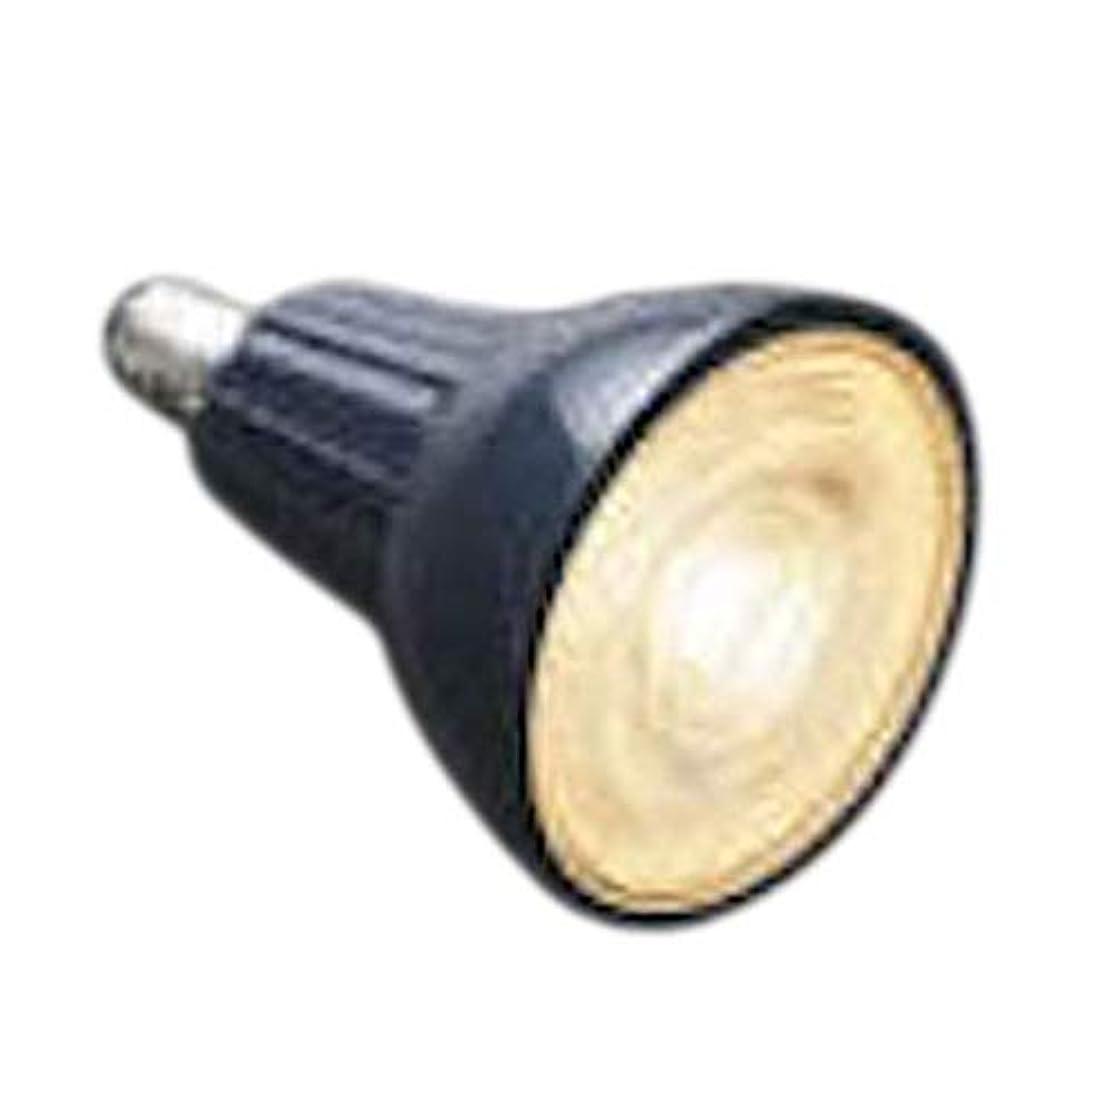 粒不定住所コイズミ照明 LED電球 AE49739L 本体: 奥行6.6cm 本体: 高さ5cm 本体: 幅5cm